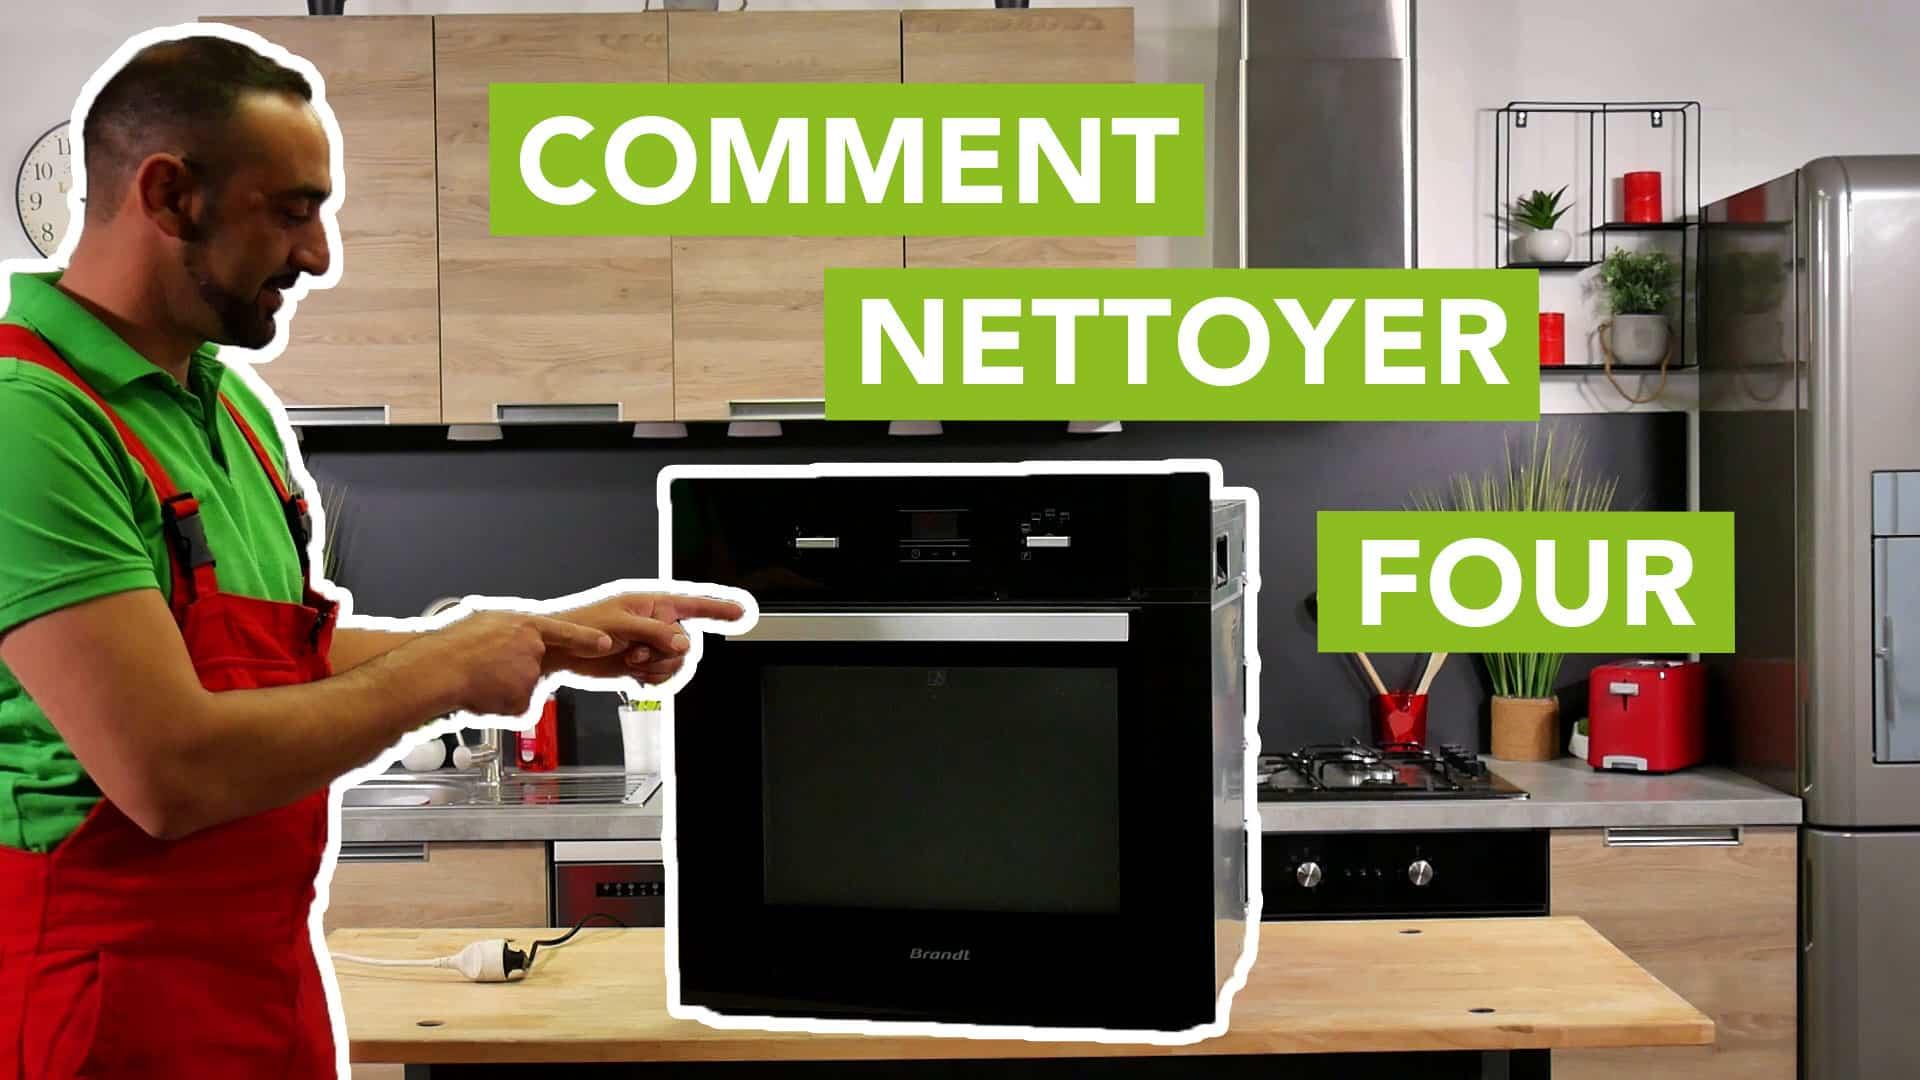 Comment Nettoyer Le Four comment nettoyer son four ?